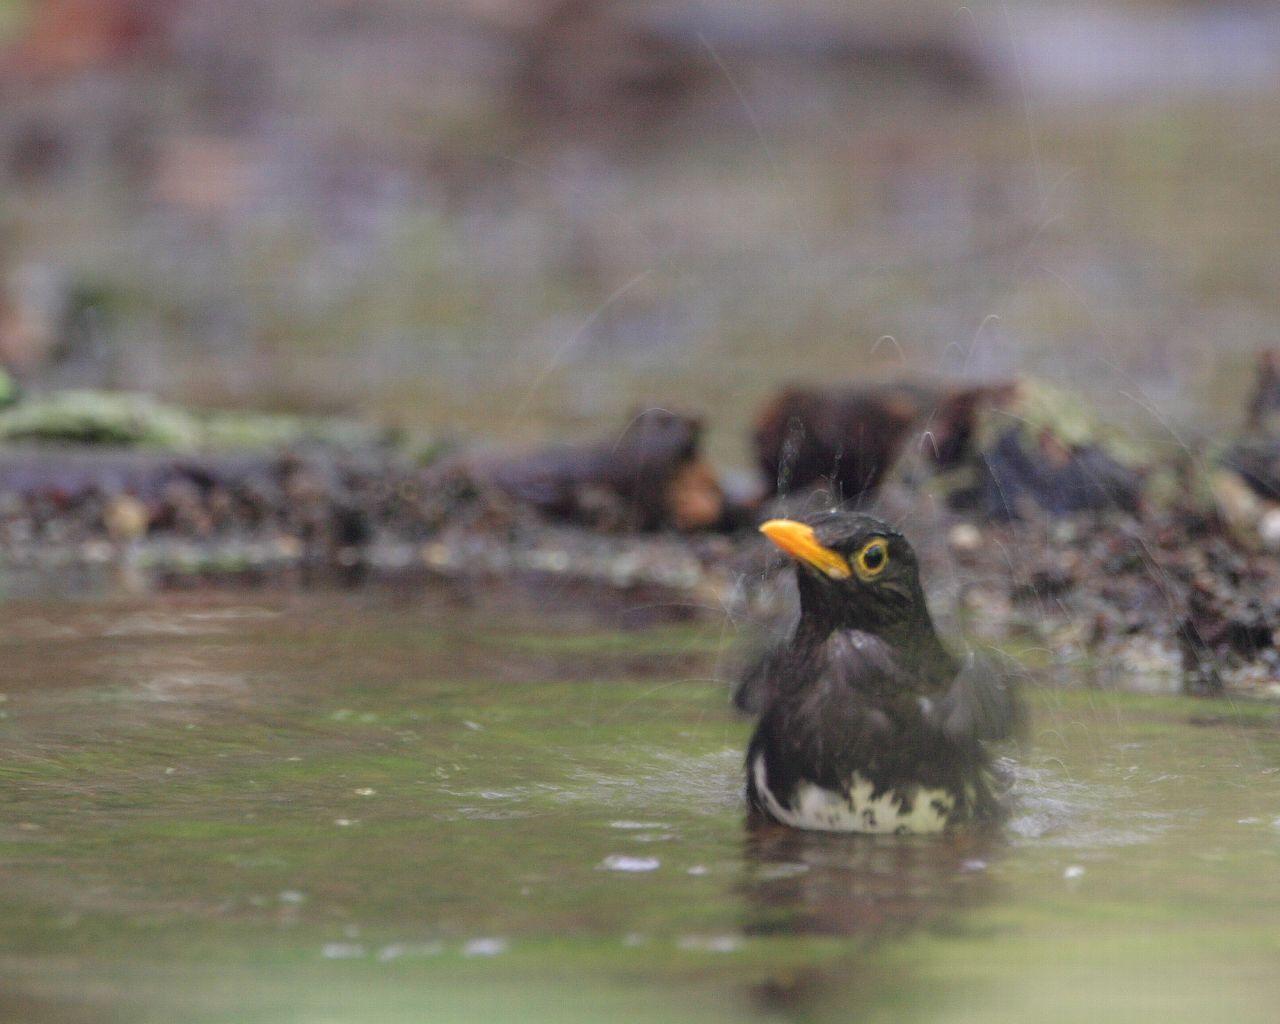 涼しげなクロツグミの水浴び(可愛い野鳥の壁紙)_f0105570_21313429.jpg